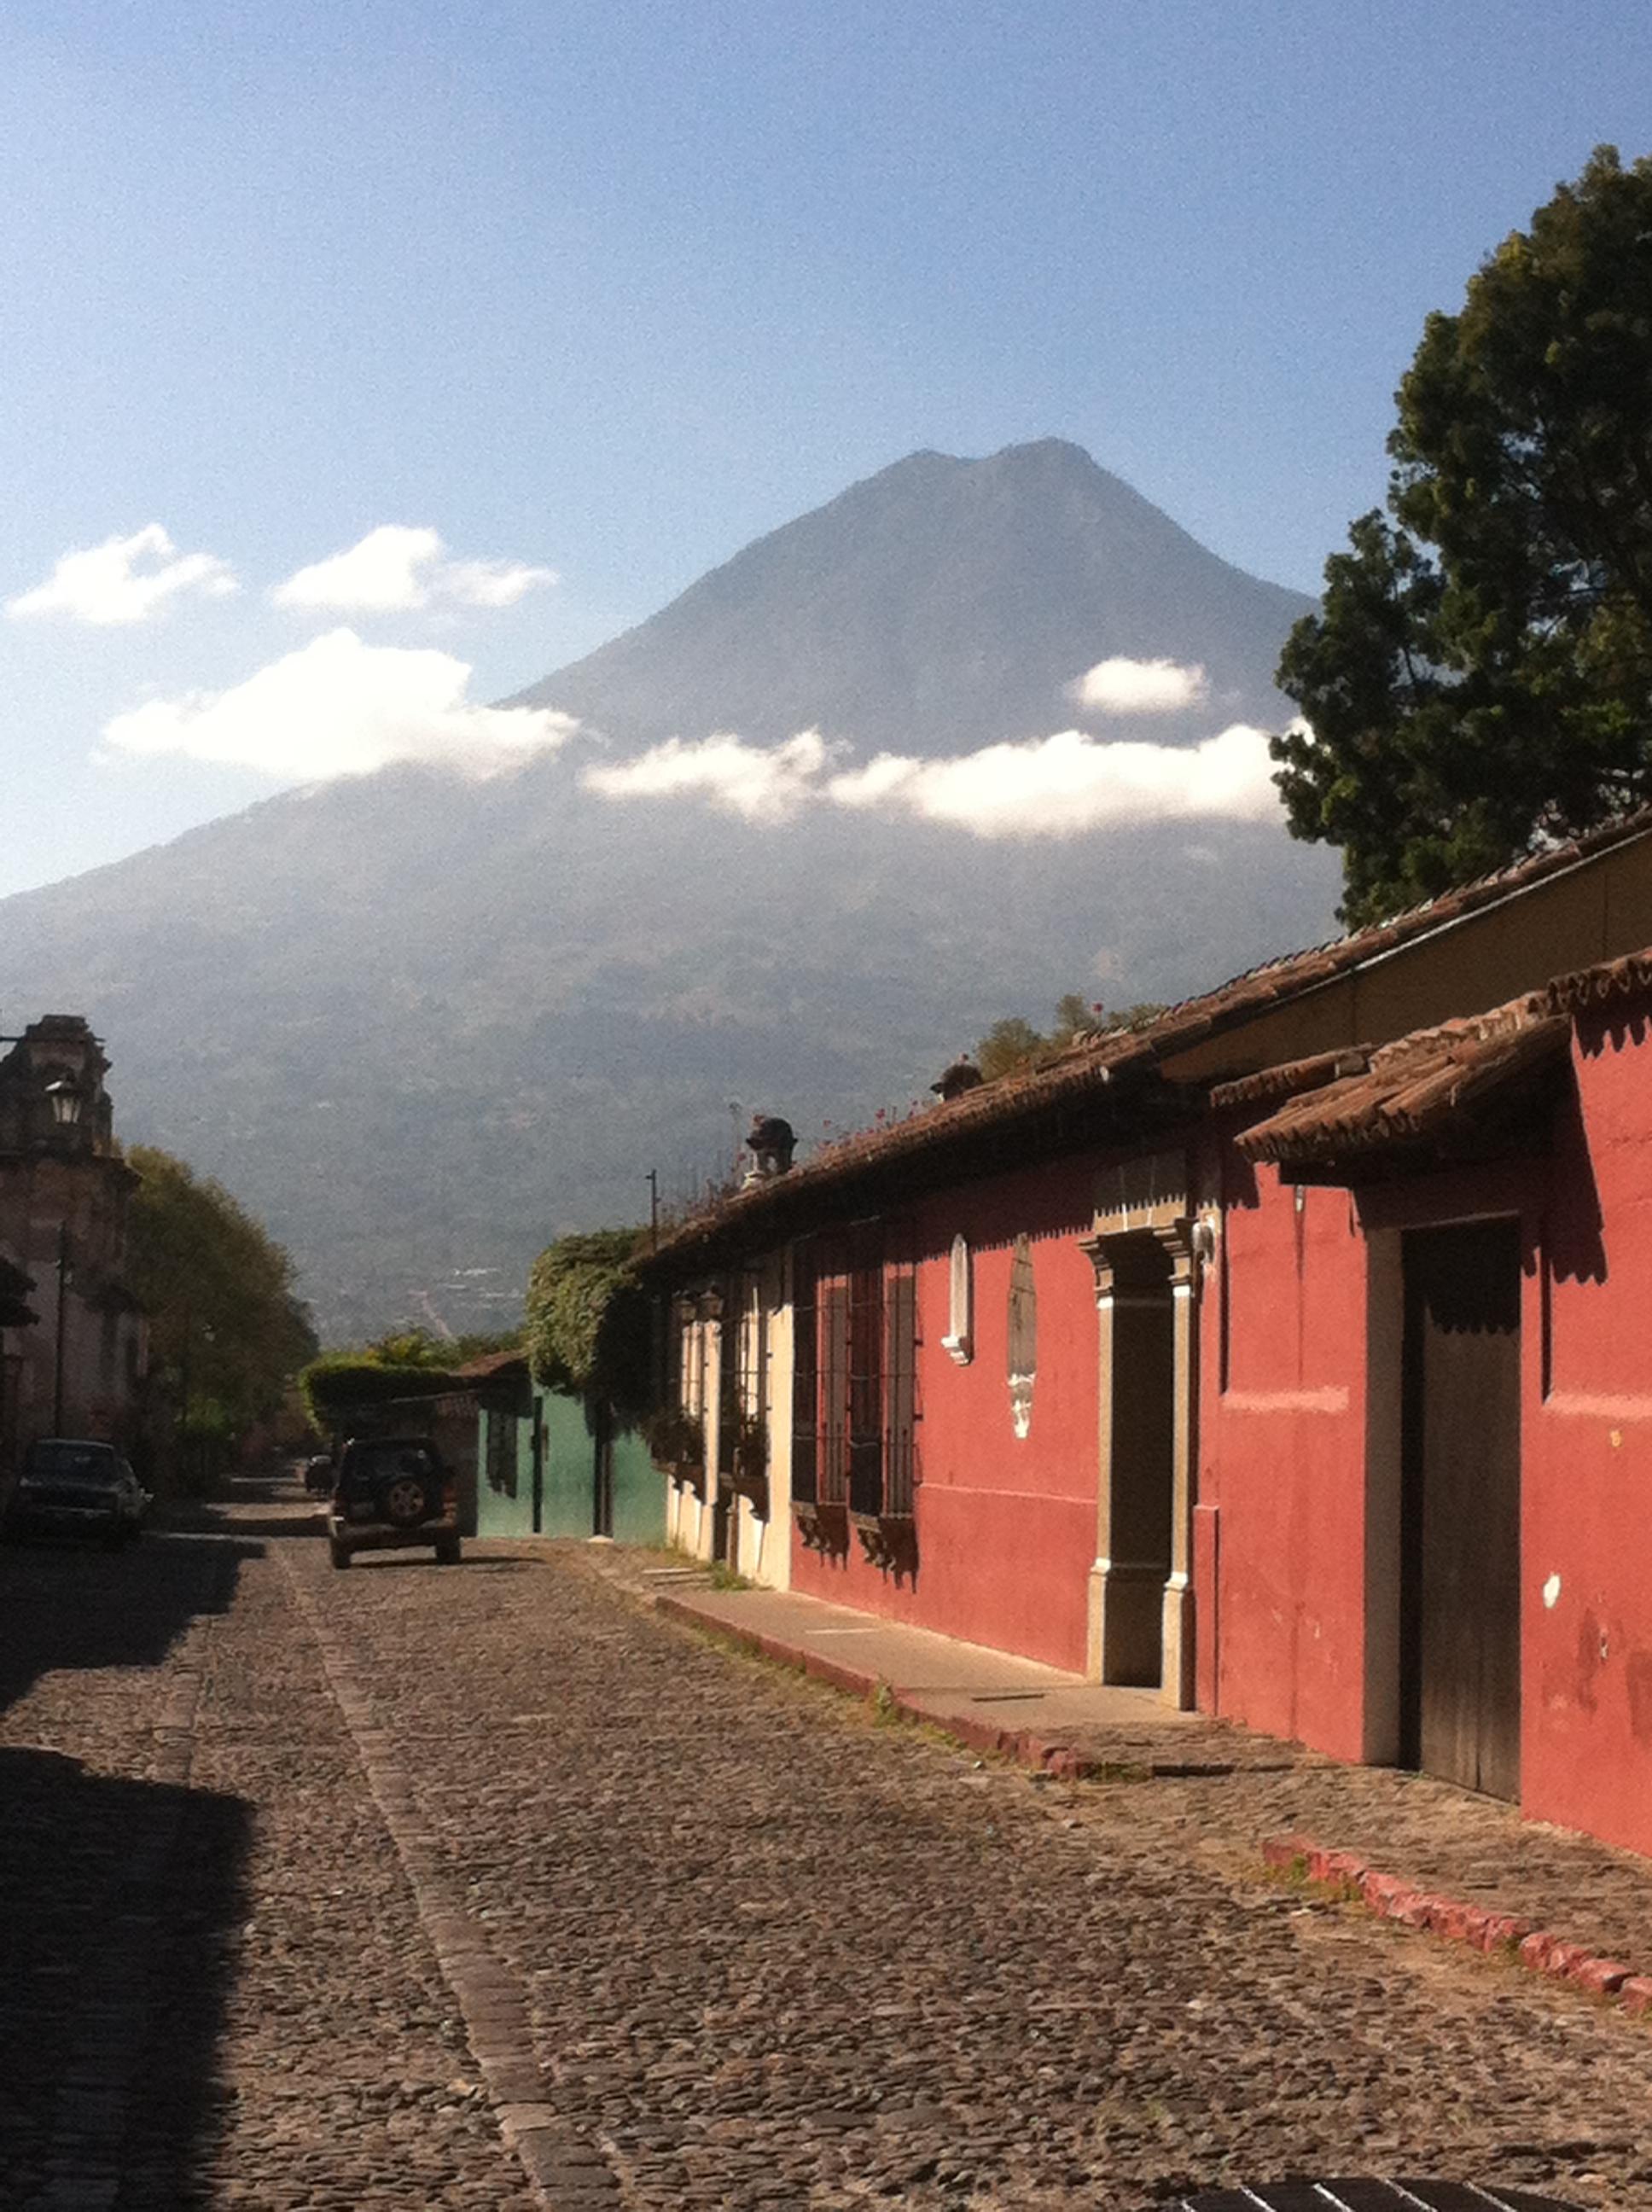 guatemala emily phone 405